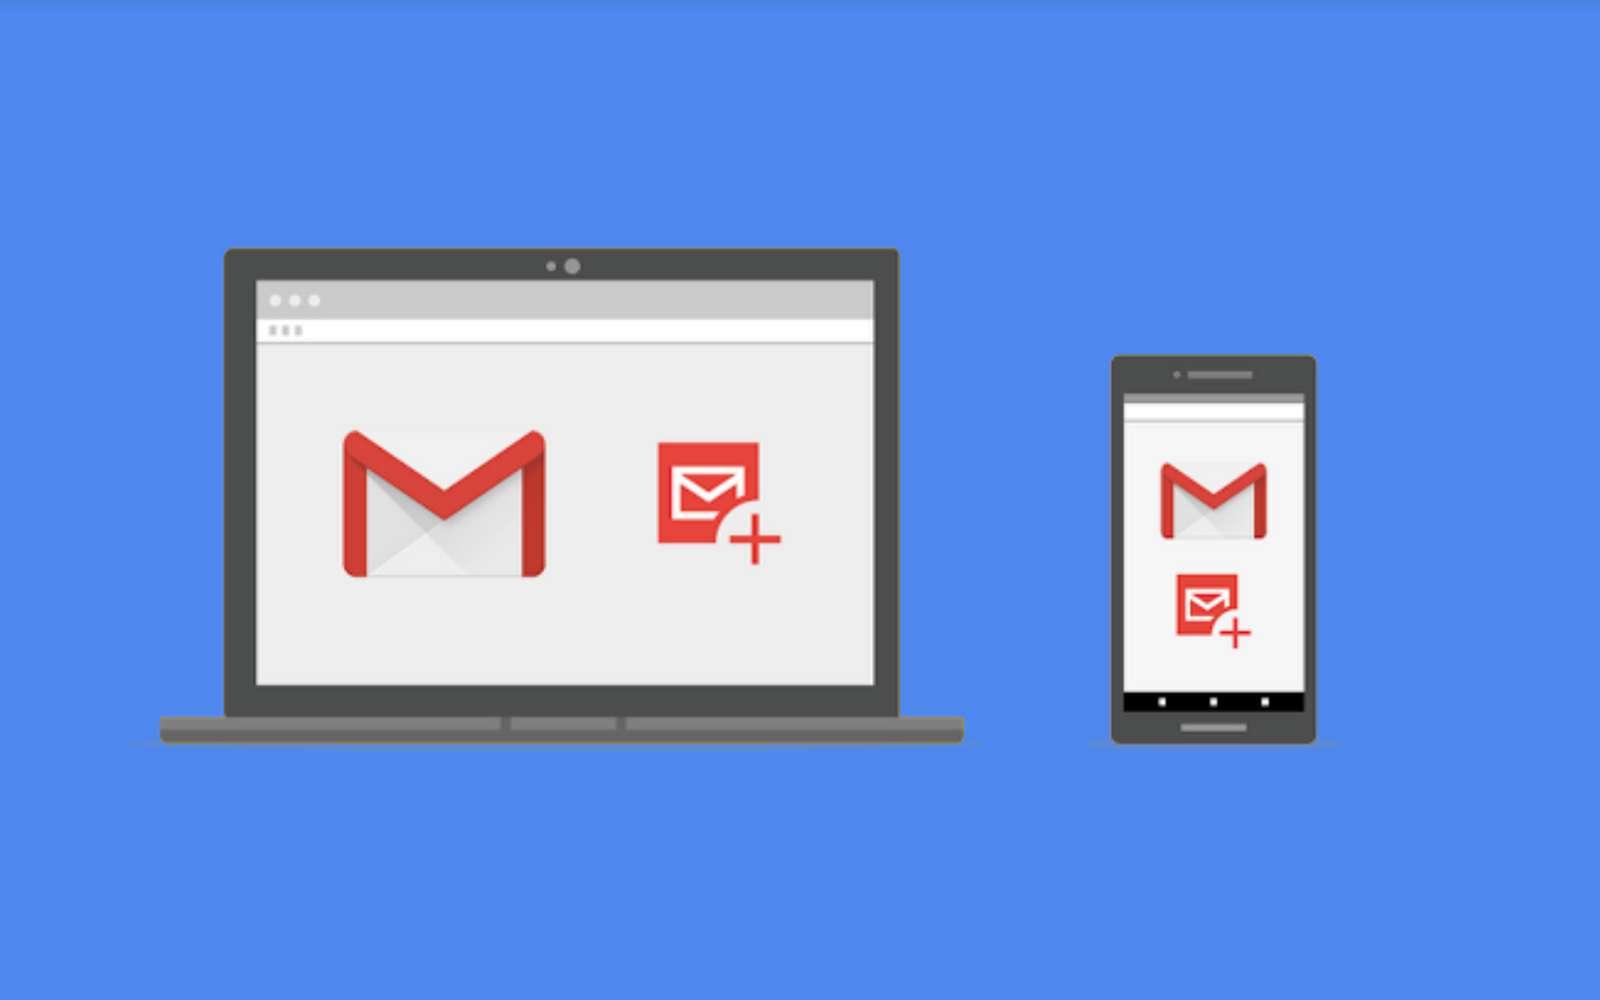 Avec AMP, il sera possible de remplir des formulaires, répondre à des sondages ou consulter des pages sans quitter sa boîte de réception. © Google